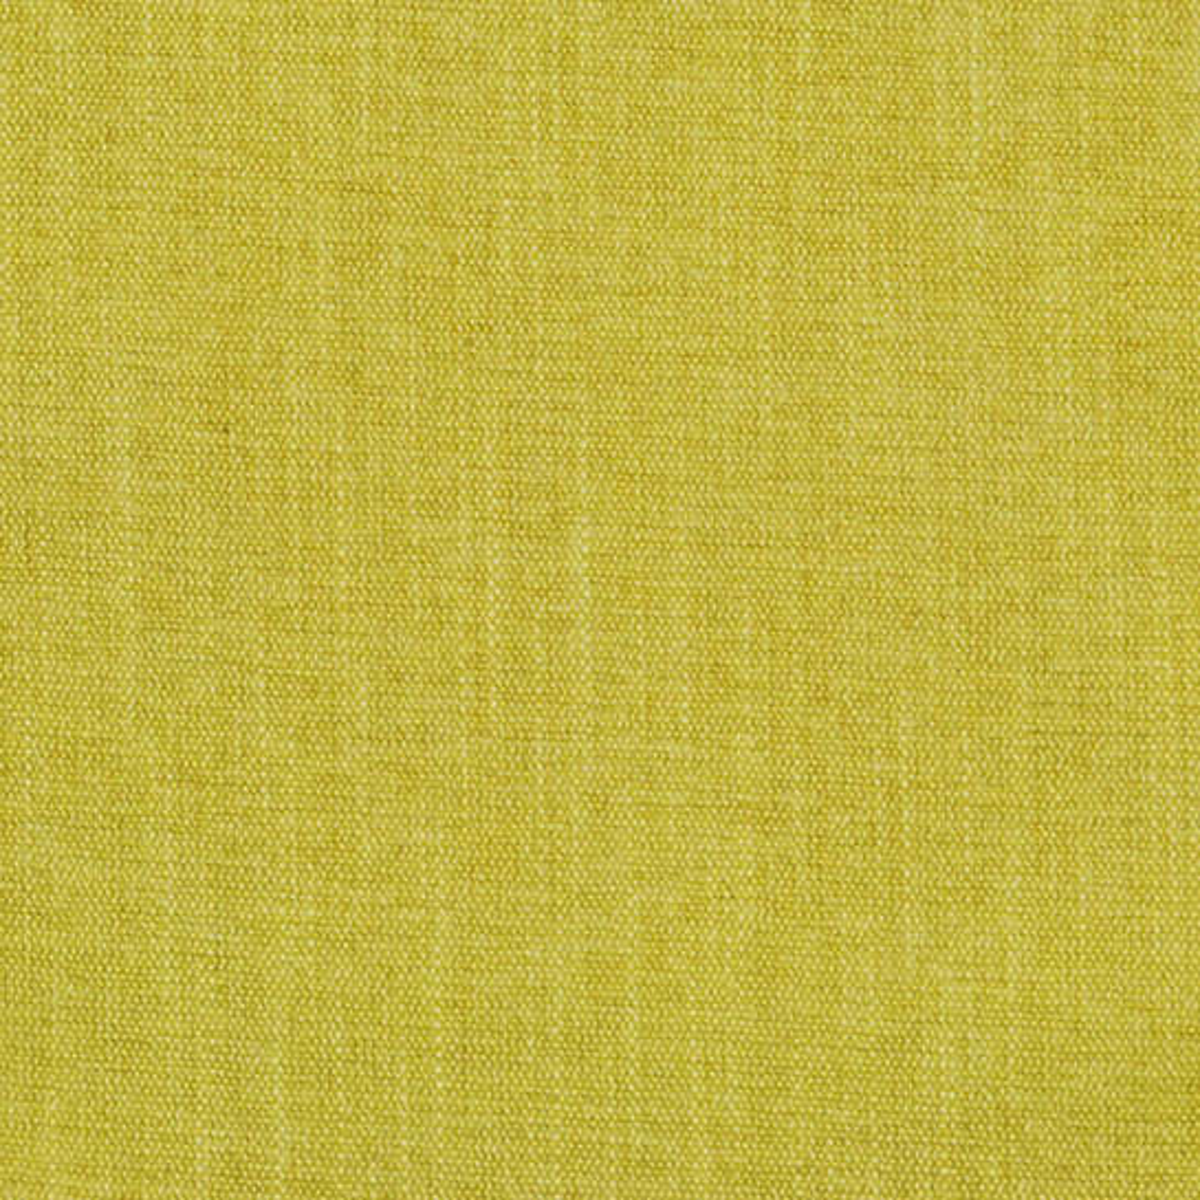 Canvasuede Citrus Fabric